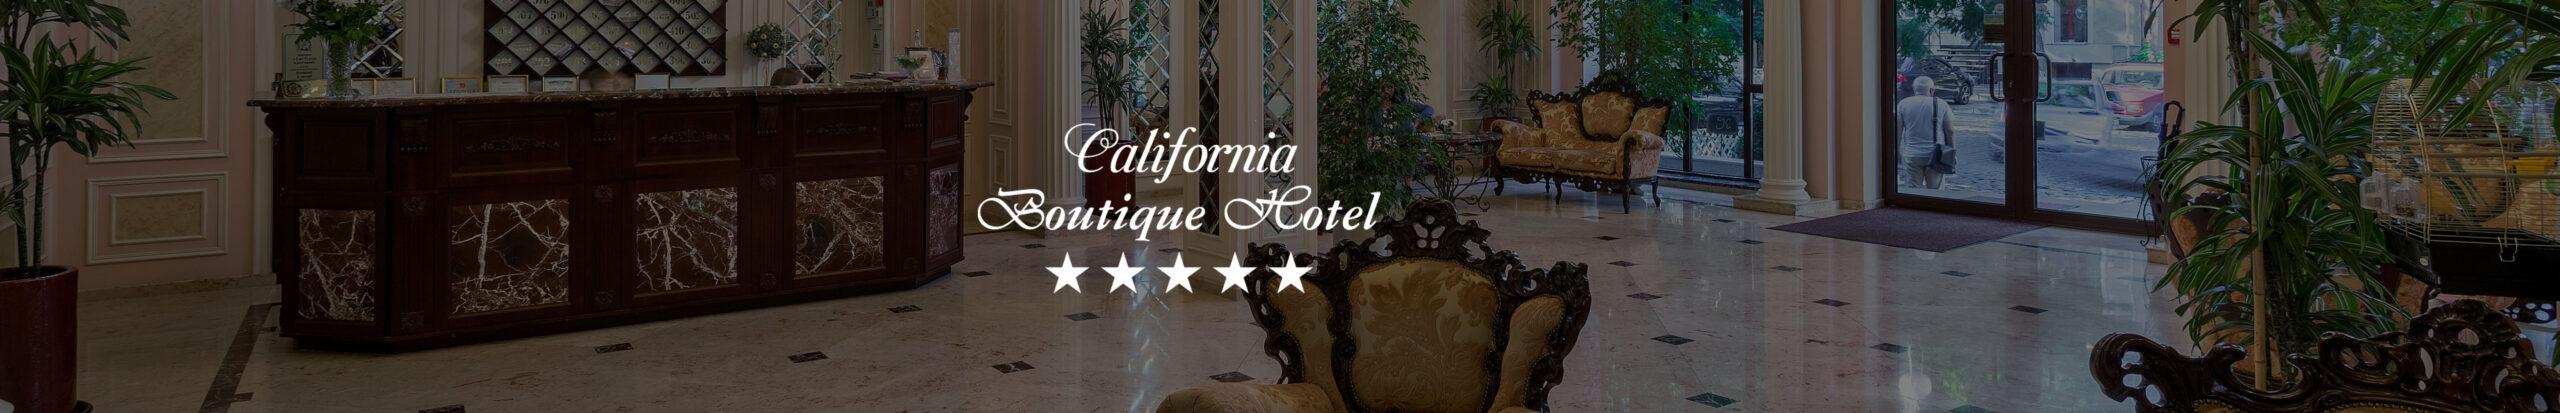 Кейс: Просування сайту Готелю Каліфорнія. PPC + таргетовану рекламу